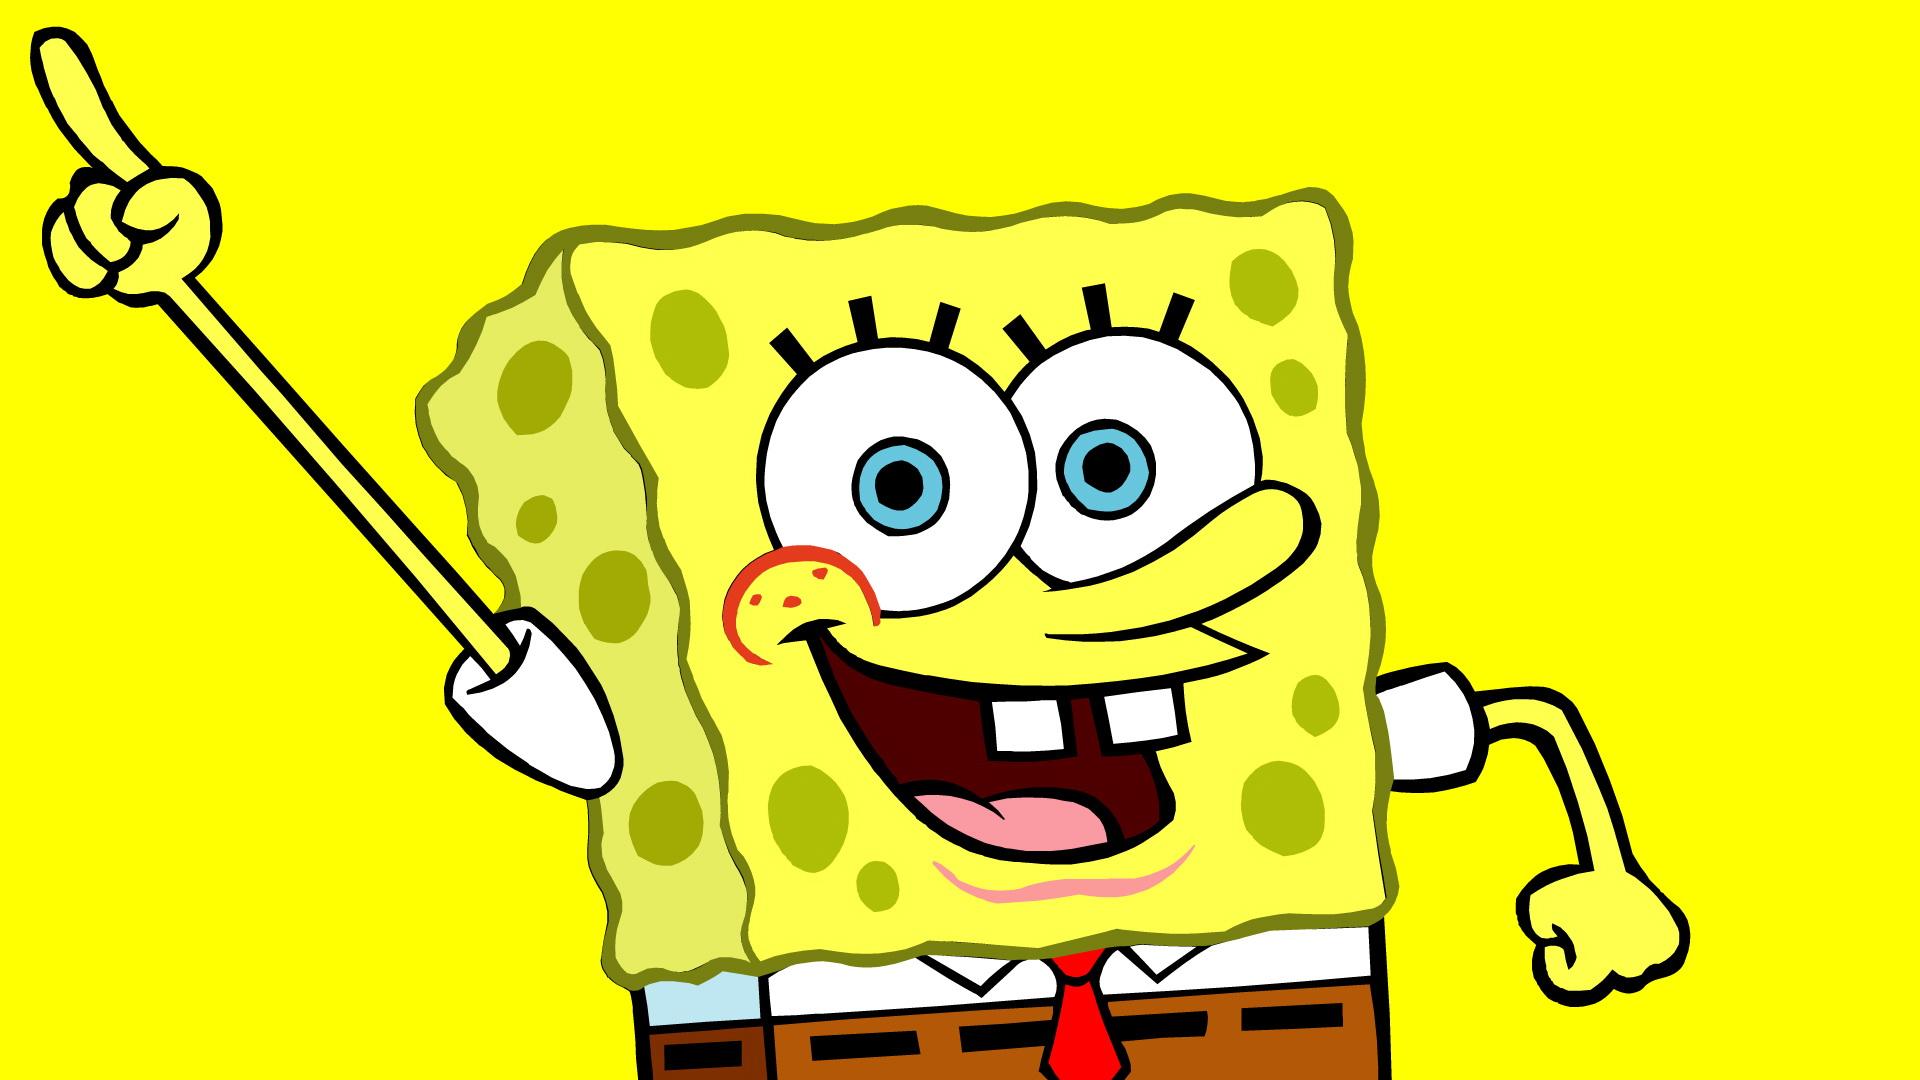 Spongebob Wallpapers 1920x1080